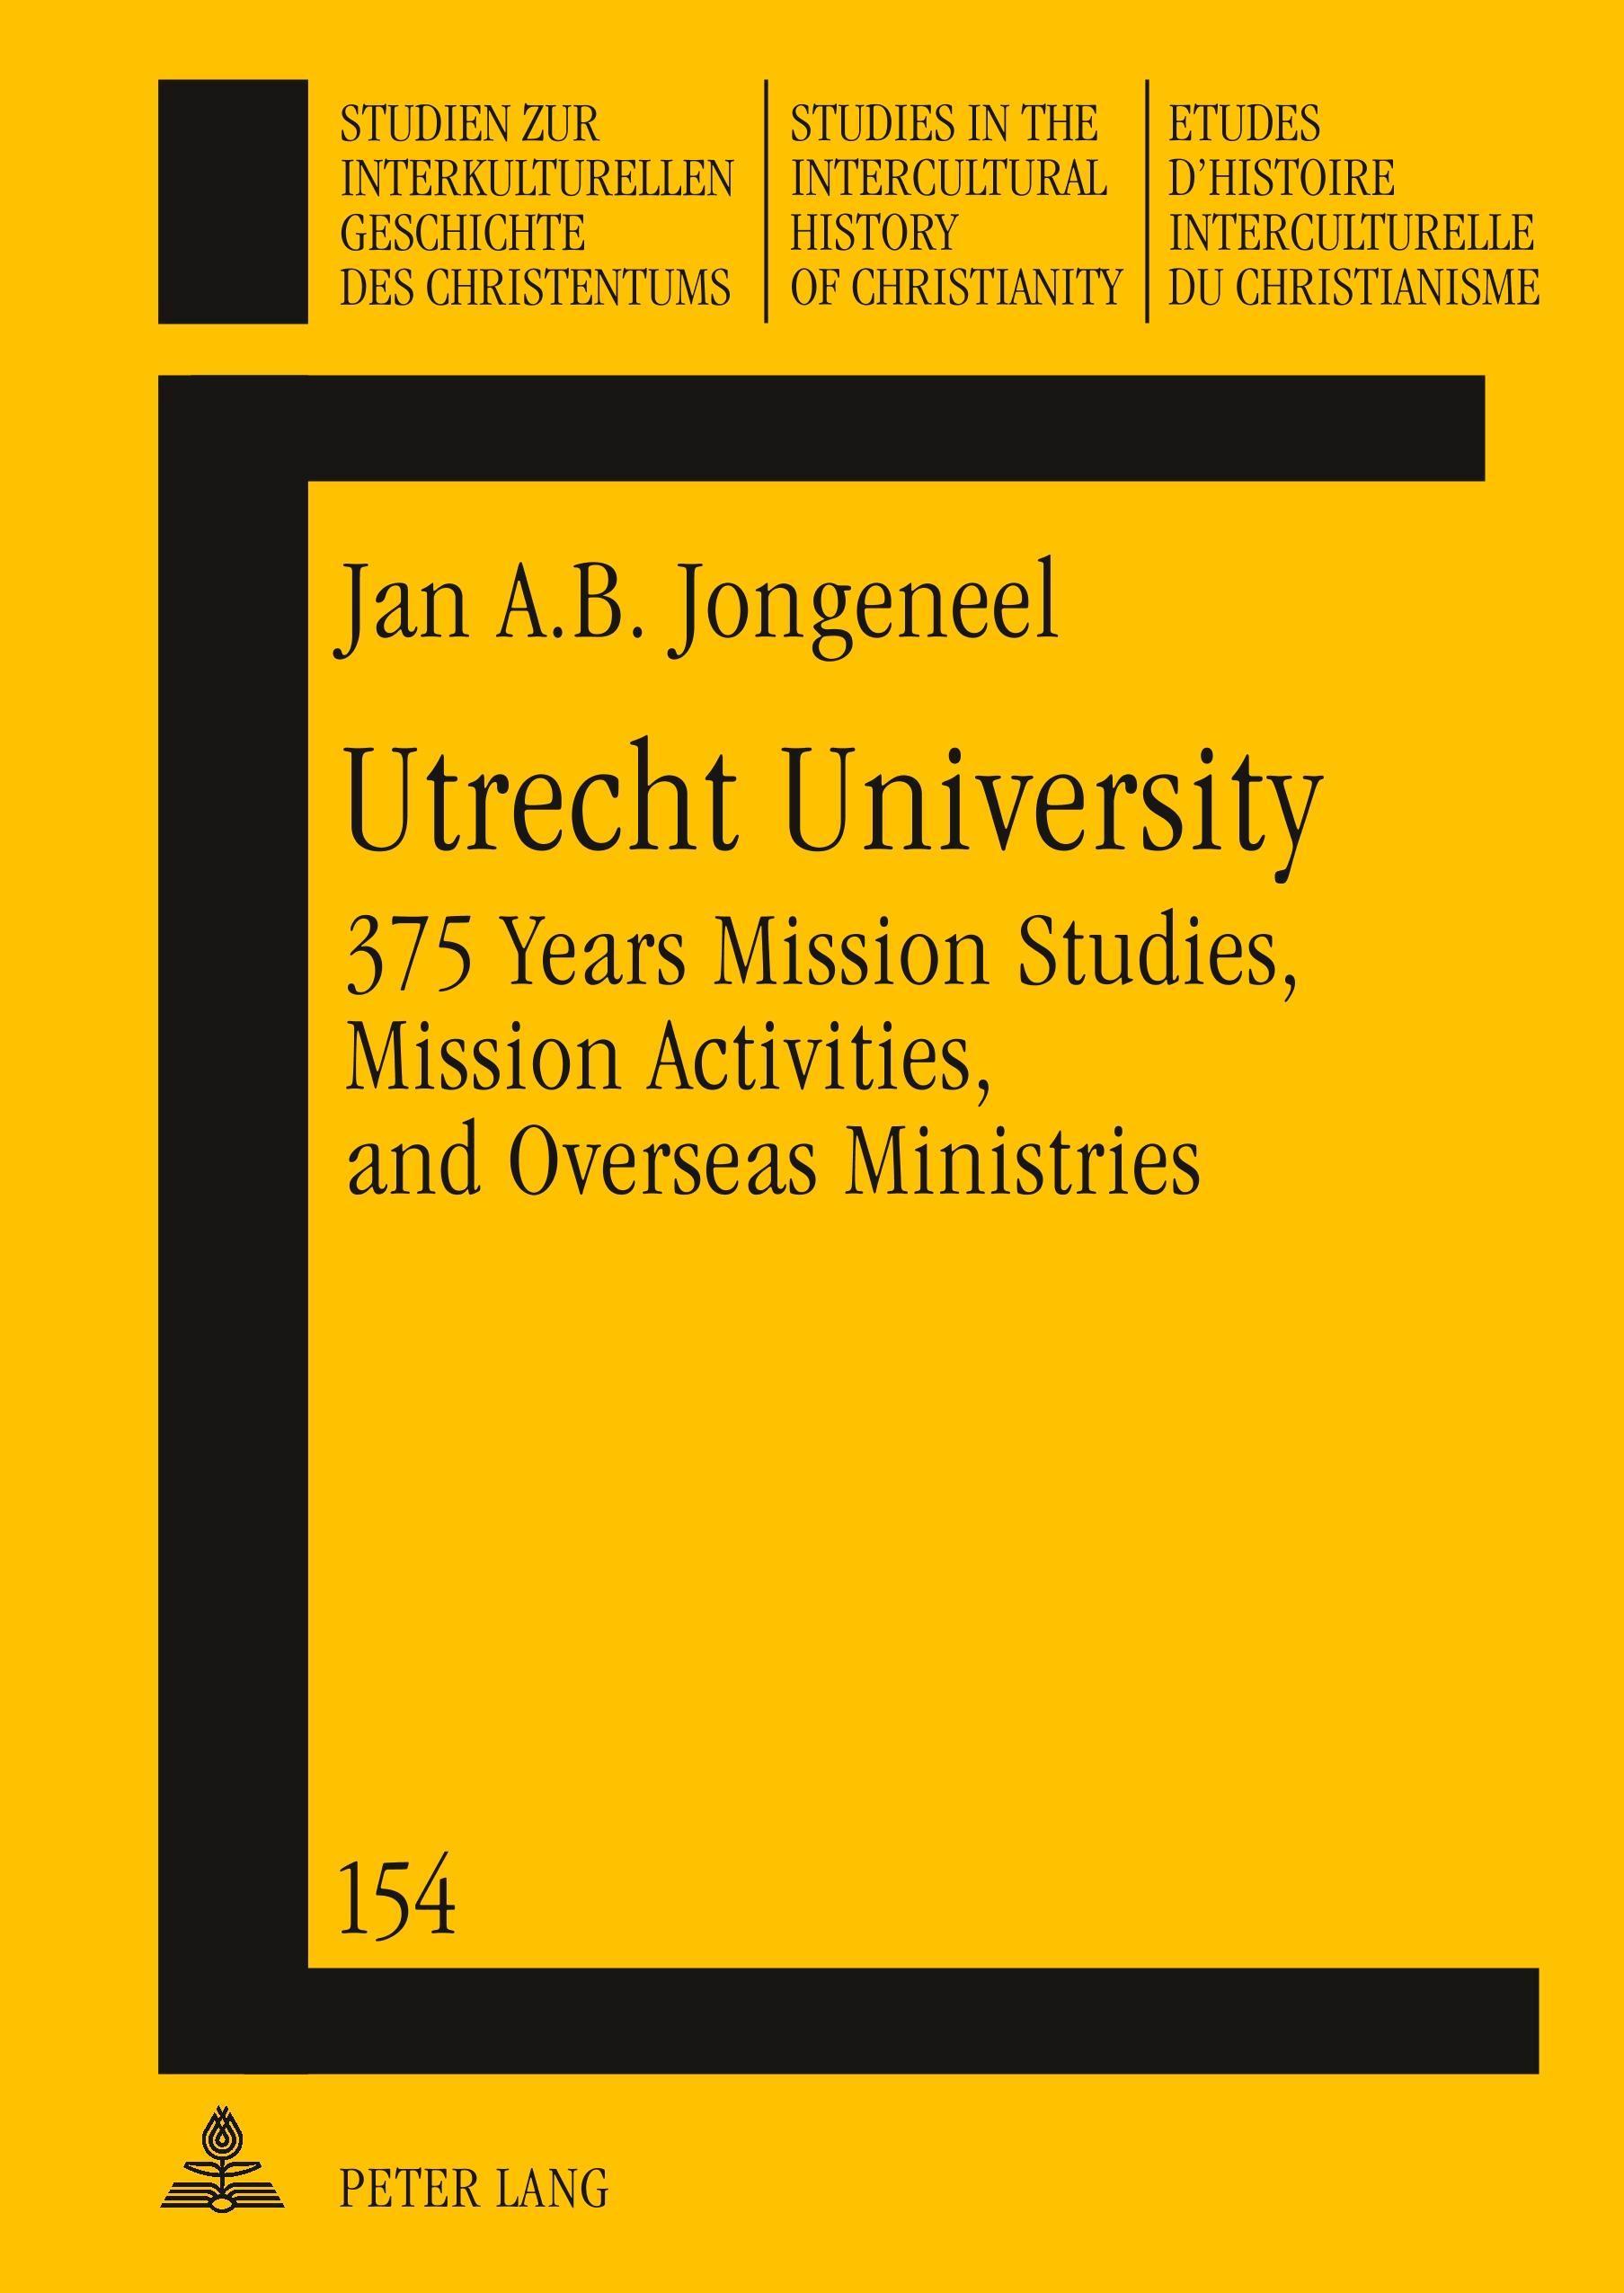 Utrecht University Jan Jongeneel